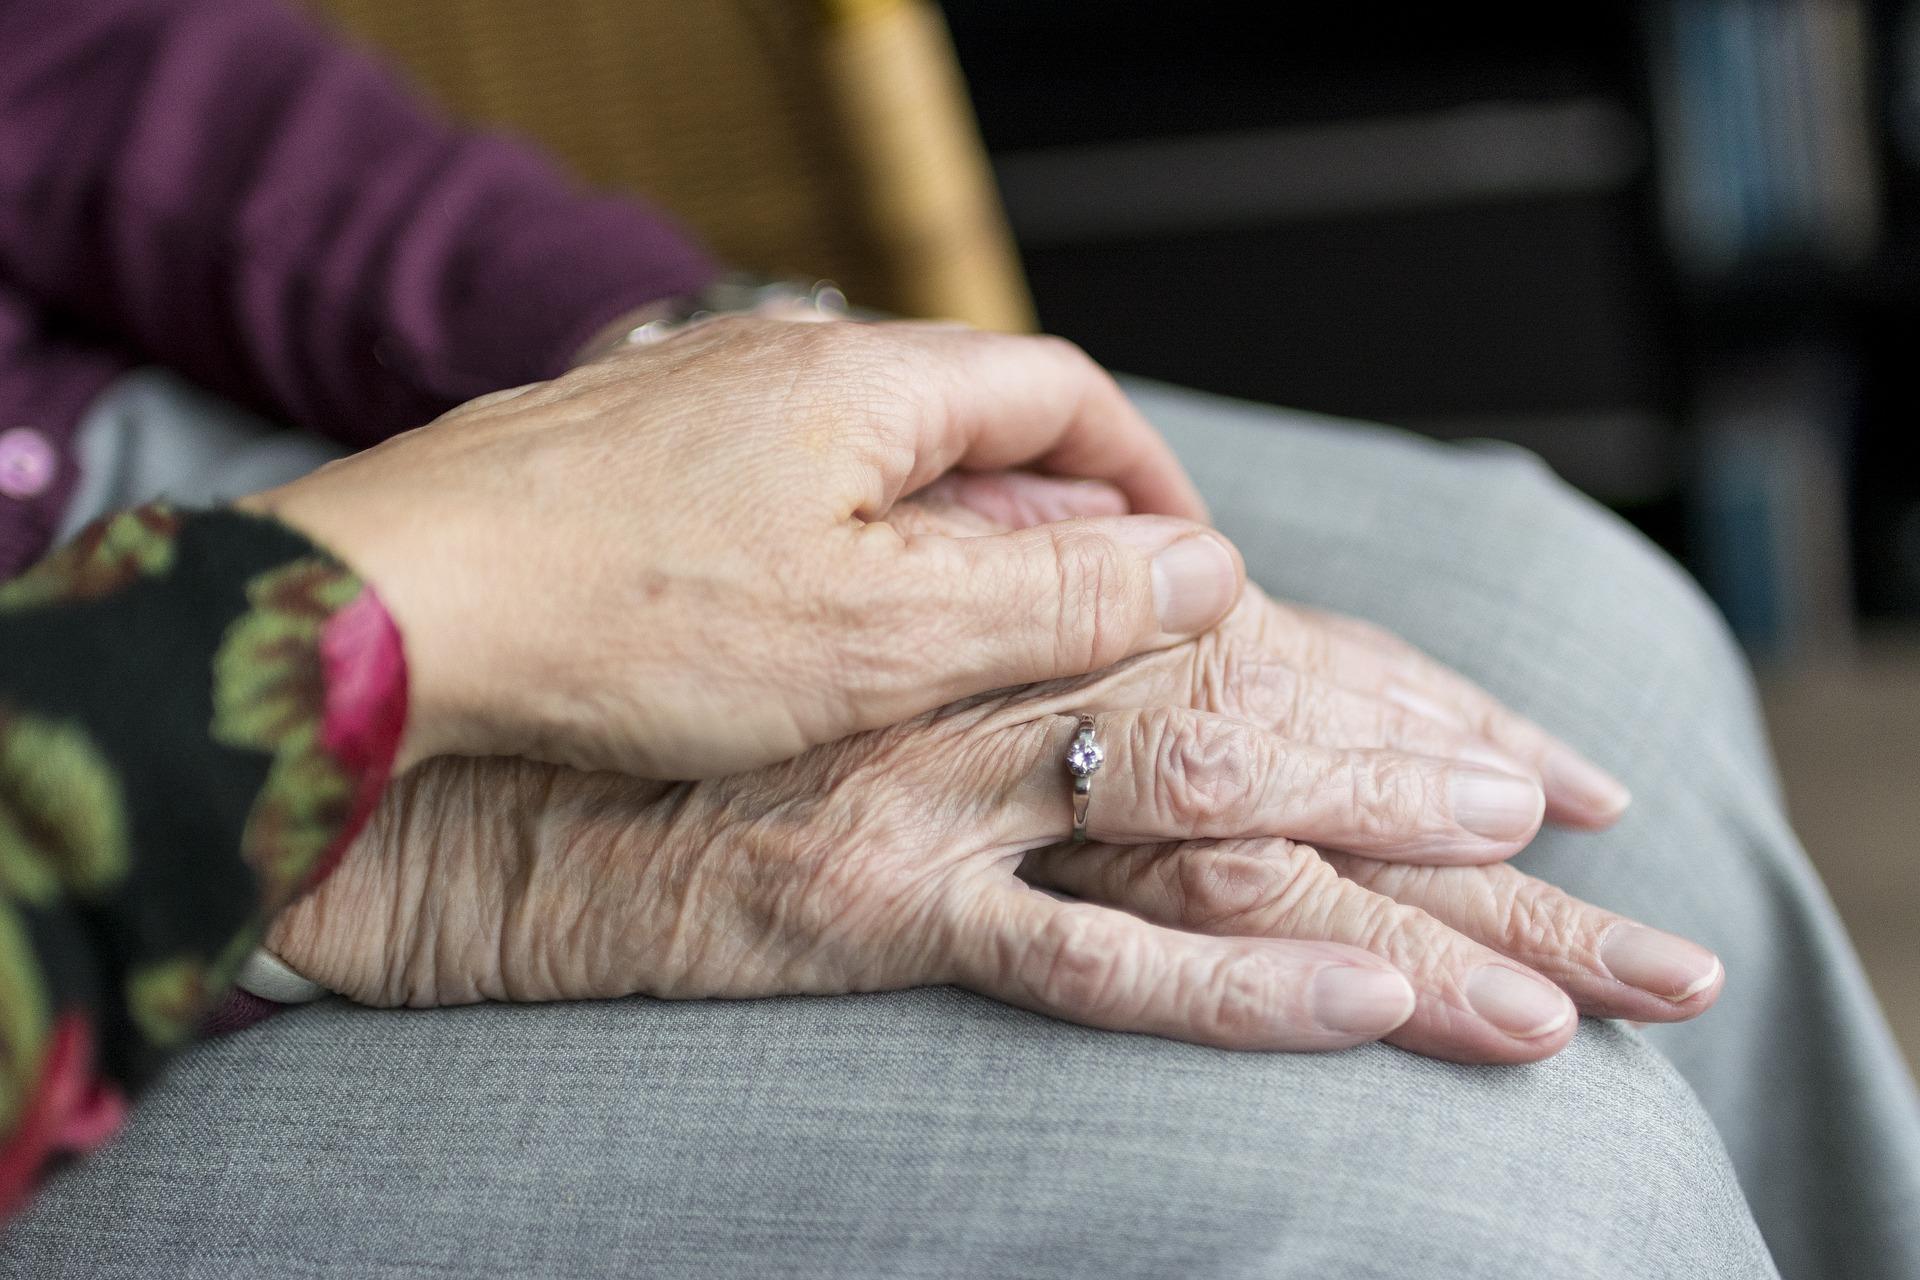 Der freie Wille des Betreuten - und die Bestellung eines Betreuers